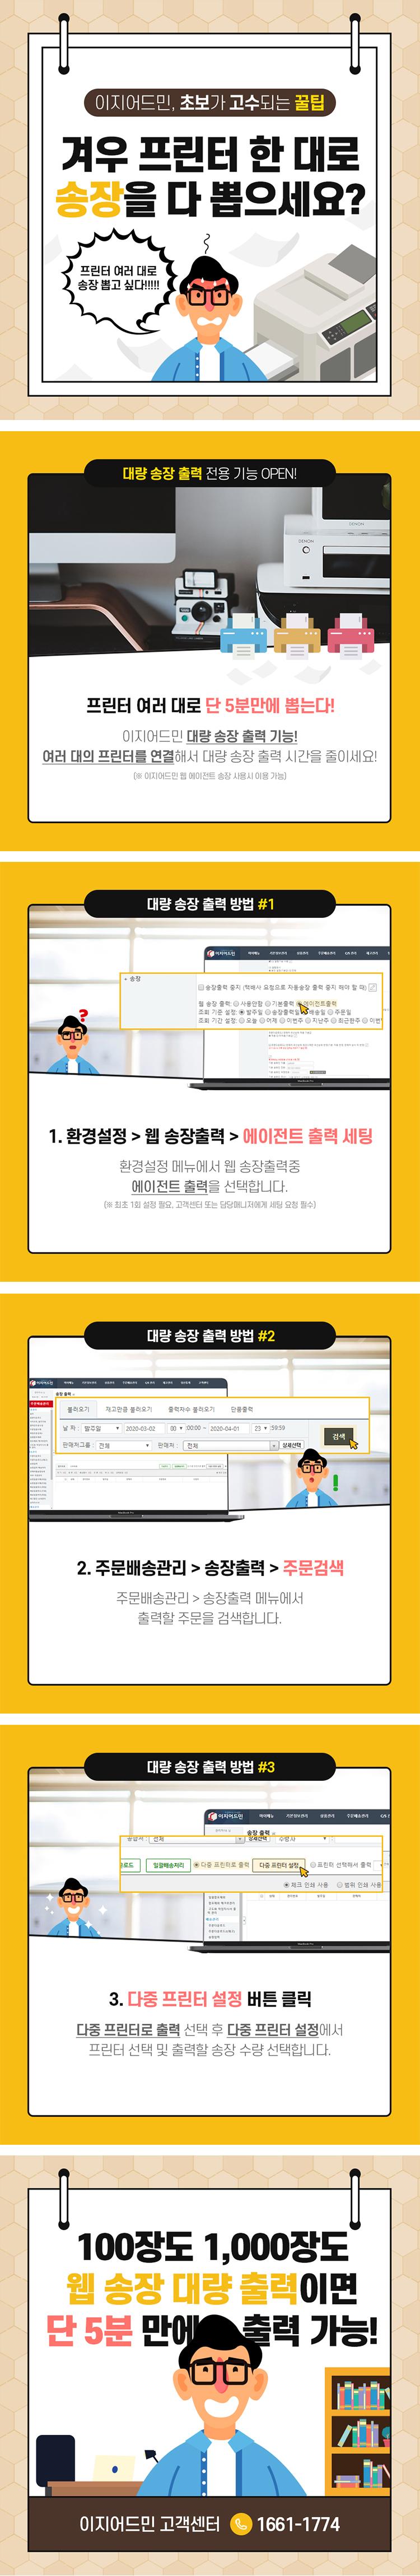 0402_대량송장출력_카드뉴스